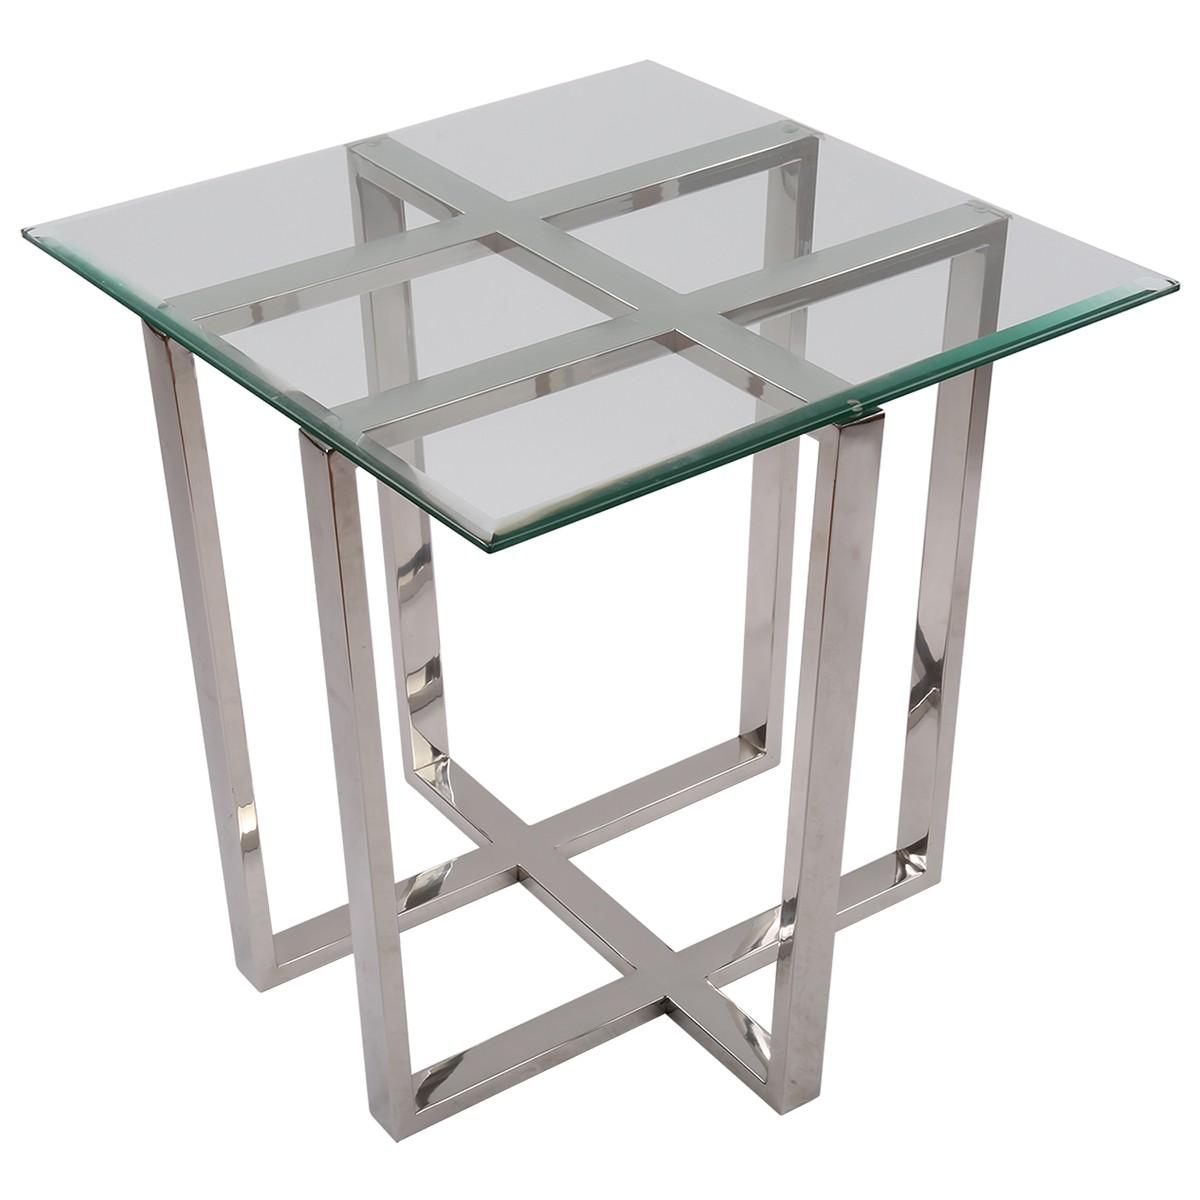 beistelltisch quadratisch glas metall tisch glas. Black Bedroom Furniture Sets. Home Design Ideas